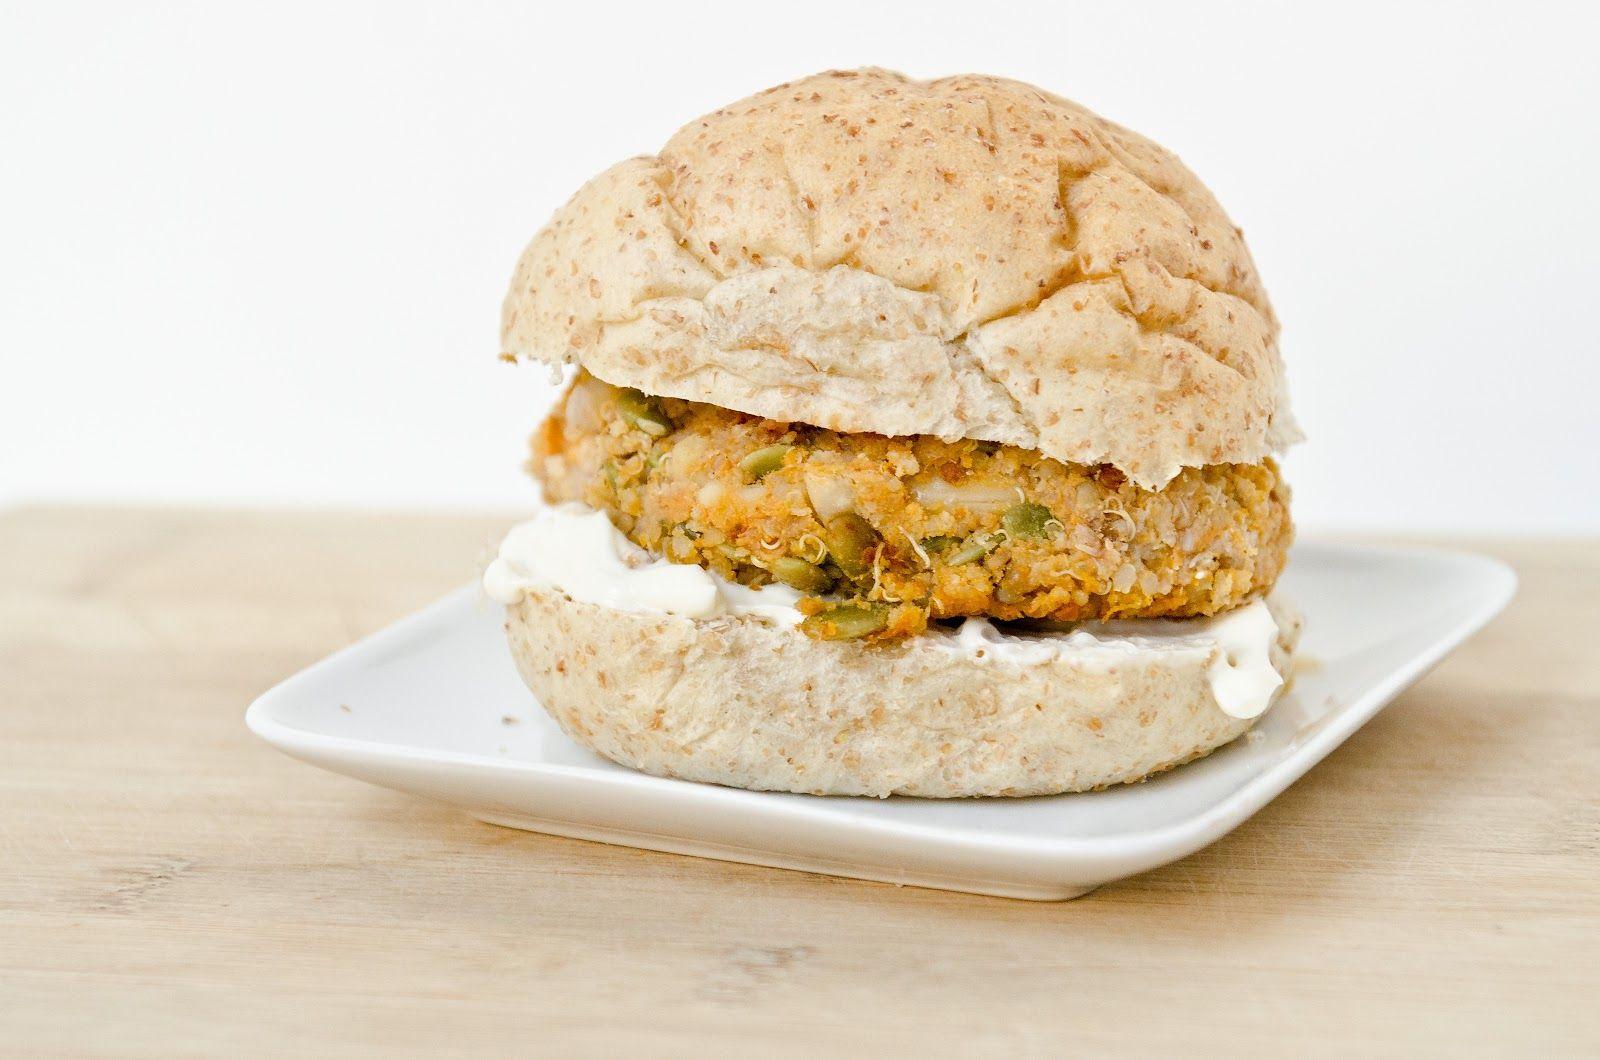 Butternut Squash Nut Burgers with Roasted Garlic Aioli